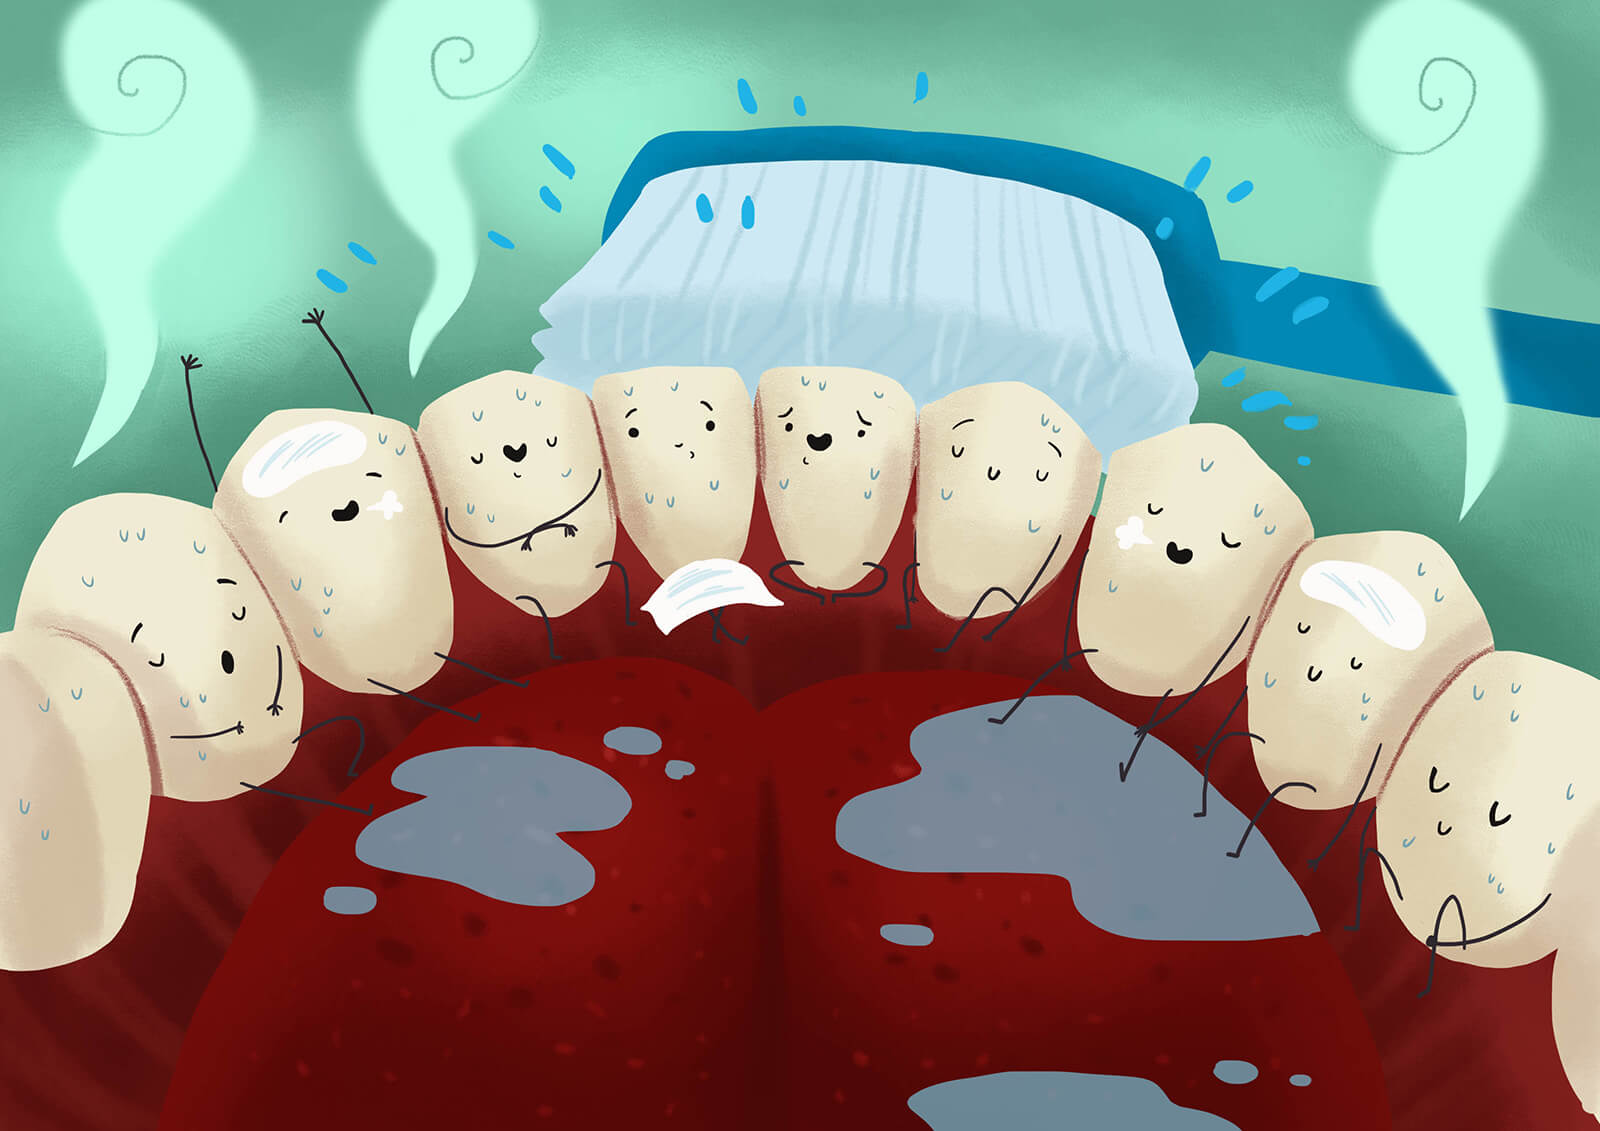 唾液有沖洗口腔的作用,一般感覺口乾舌燥,表示嘴裡唾液不足,無法維持口腔清潔,就會產生口臭。熬夜、水分攝取不足、鼻塞導致張口呼吸、情緒緊張等狀況都會讓唾液減少